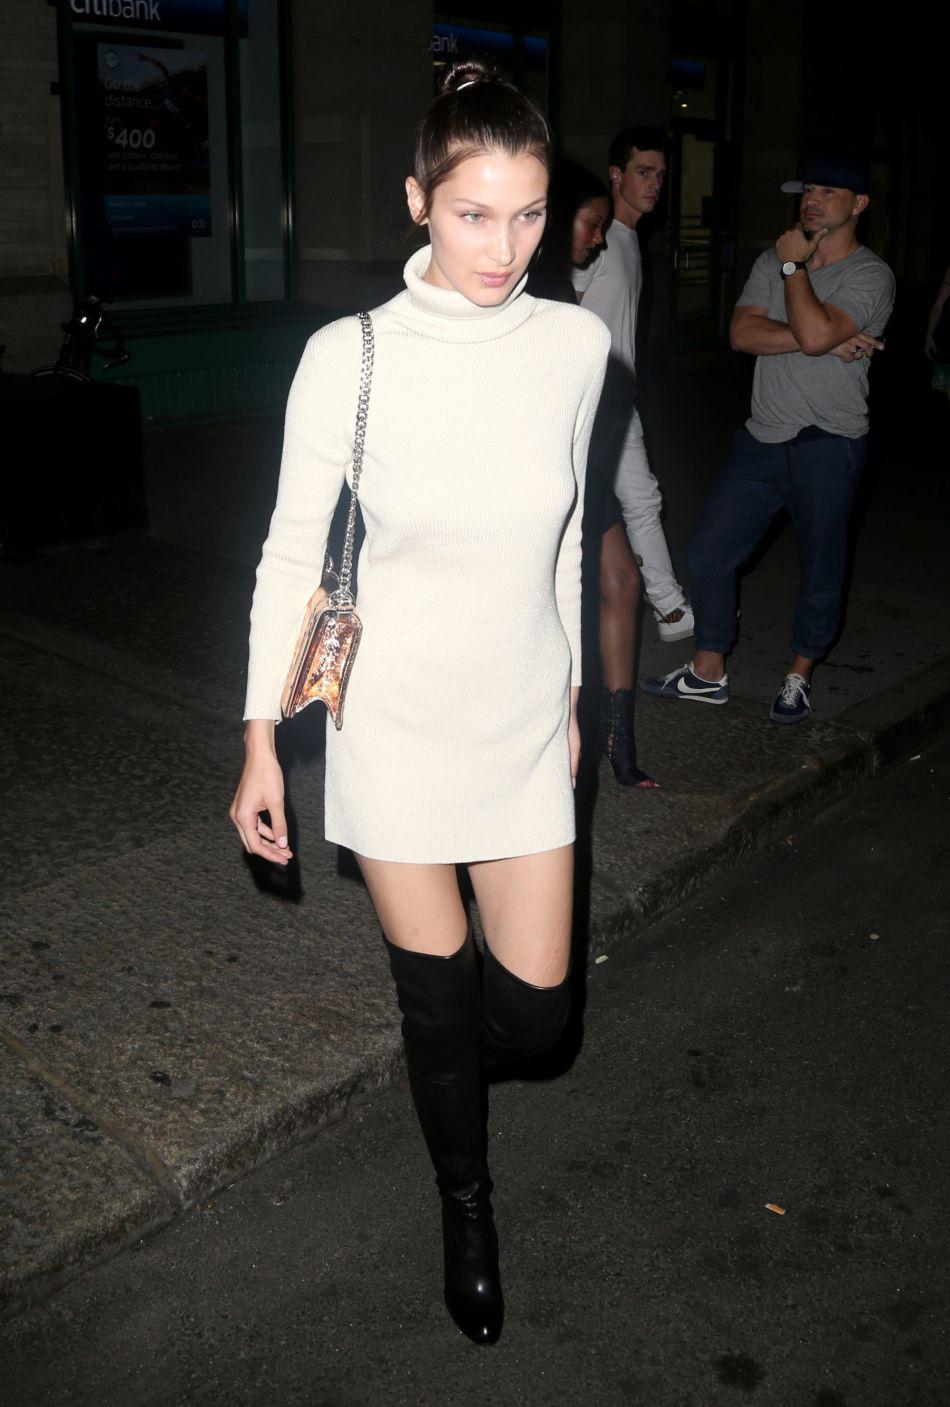 La belle a posté sur Instagram une photo d'elle dans une robe Givenchy pour le magazine  Harper's Bazaar .